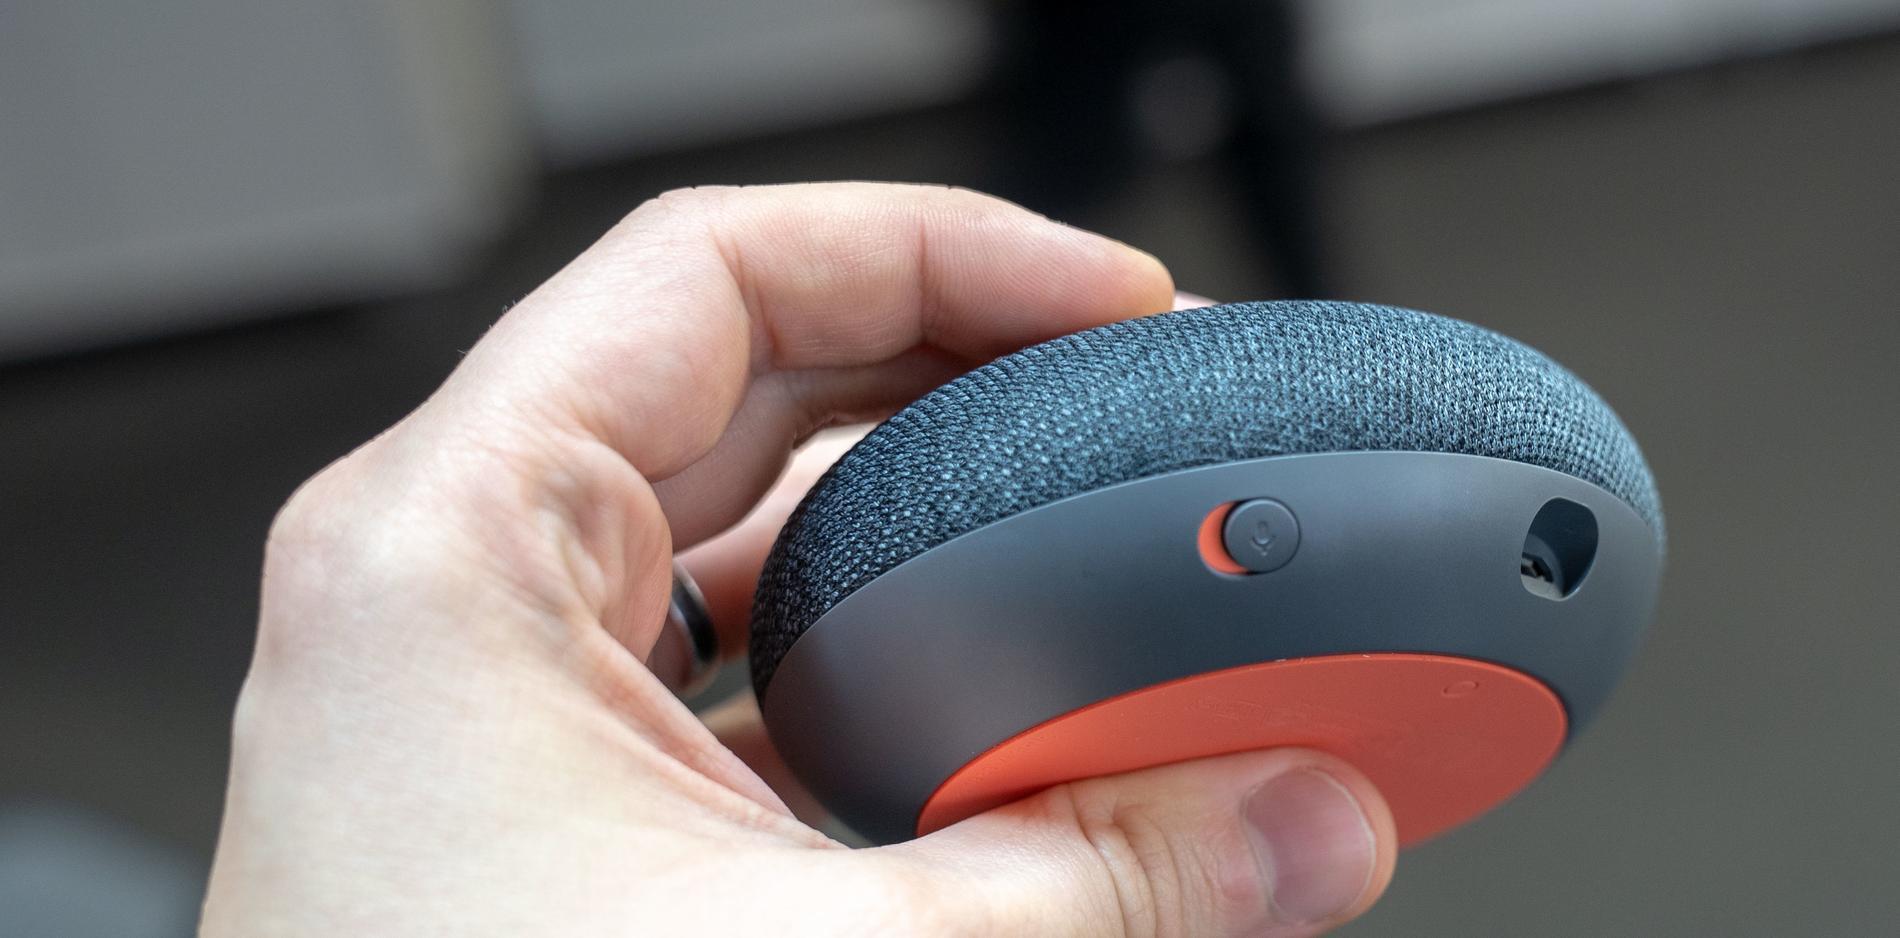 Som tur är har Google Home en mute-knapp på baksidan, så att man kan stänga av den om den trilskas.